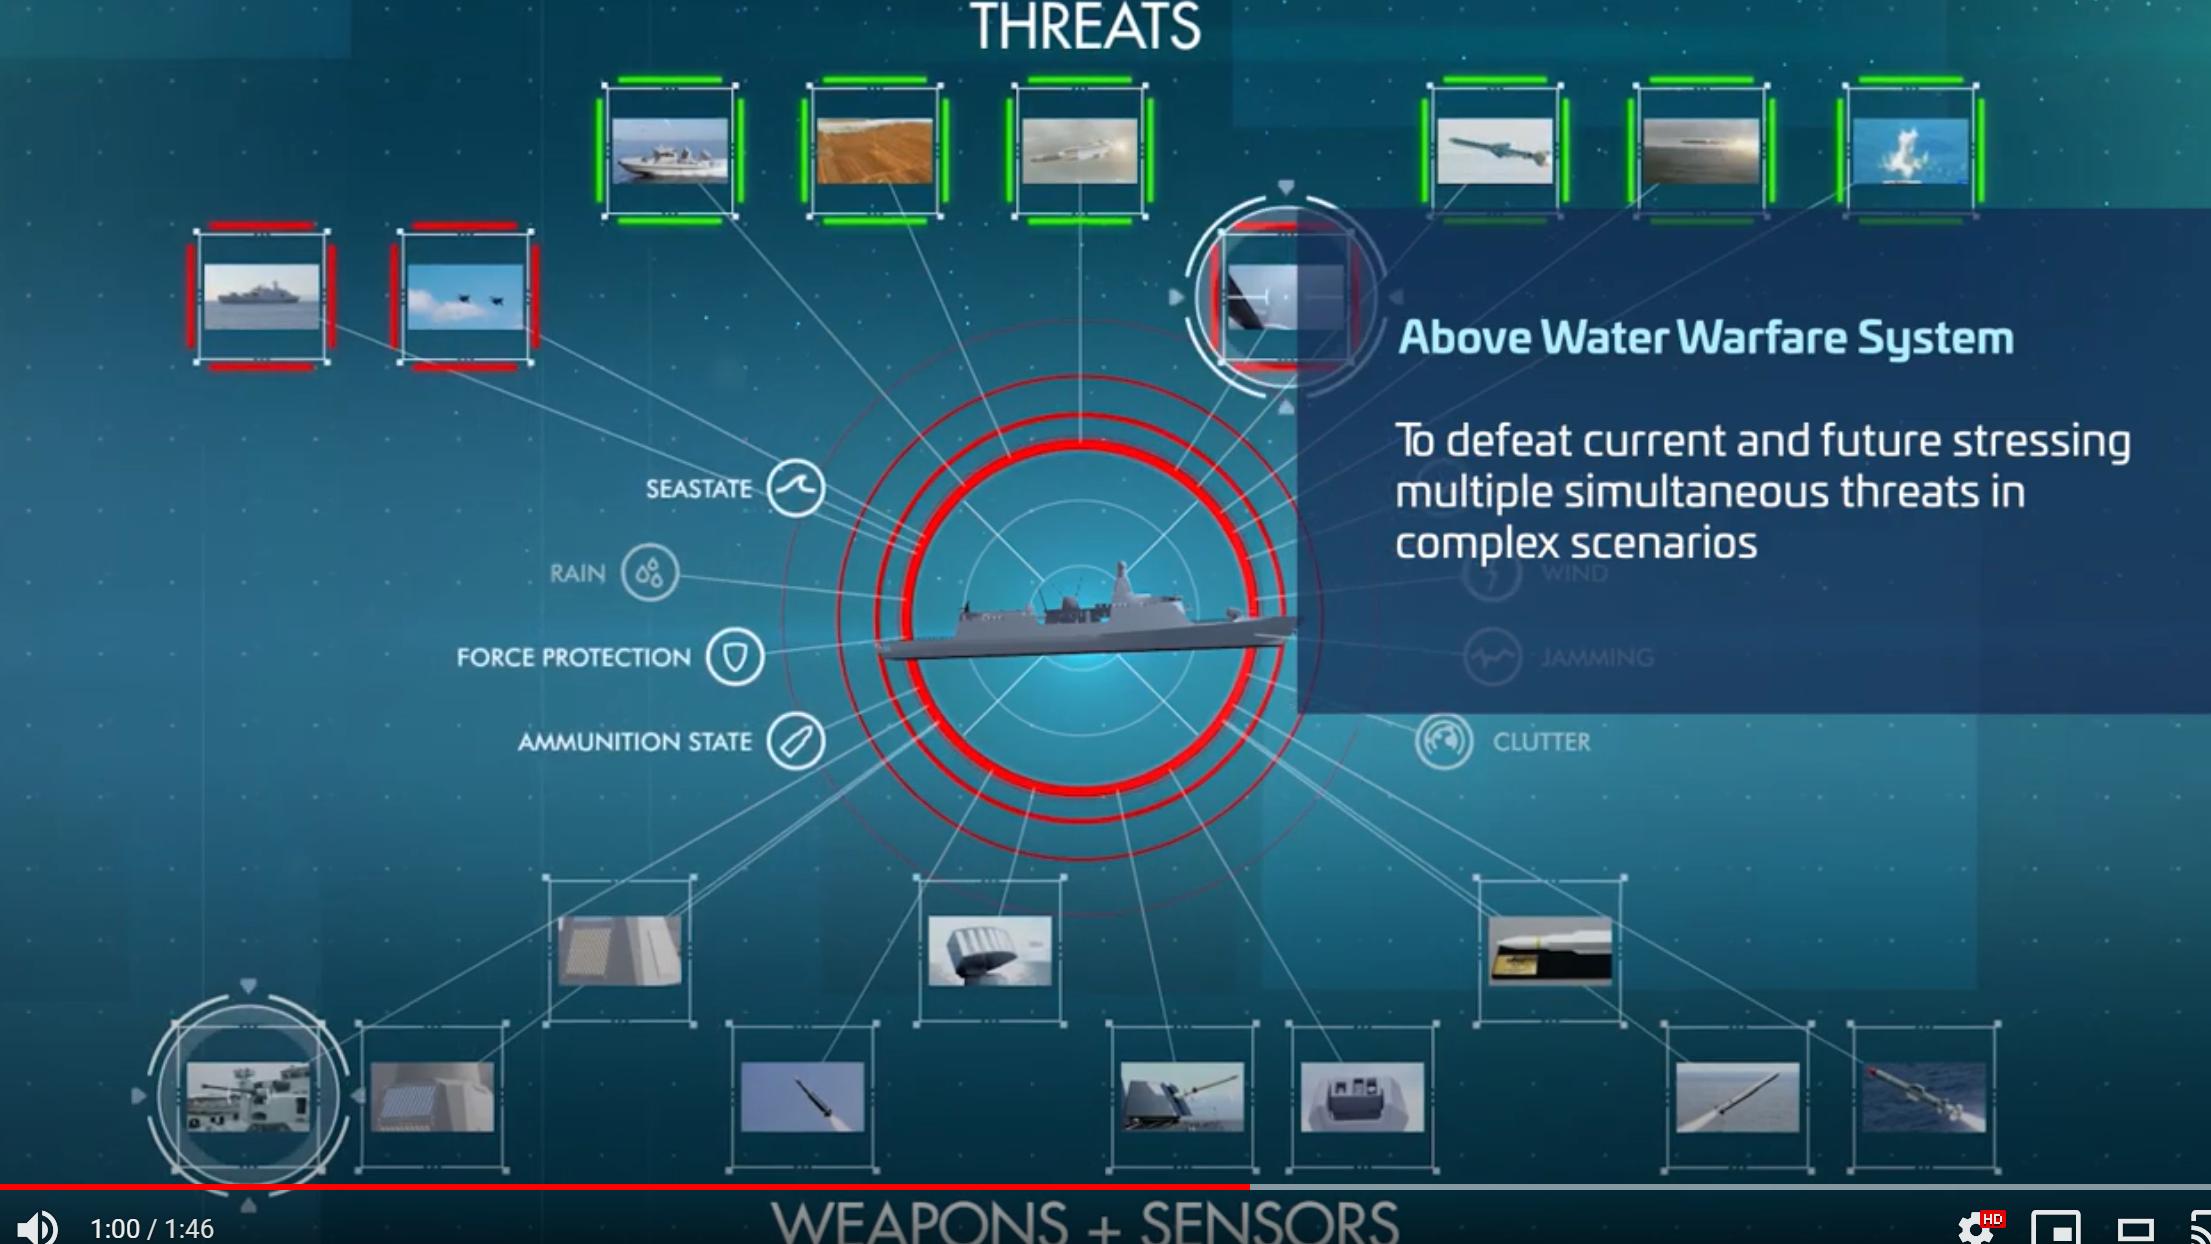 MKS 180 – Thales liefert das Führungs- und Waffeneinsatzsystem